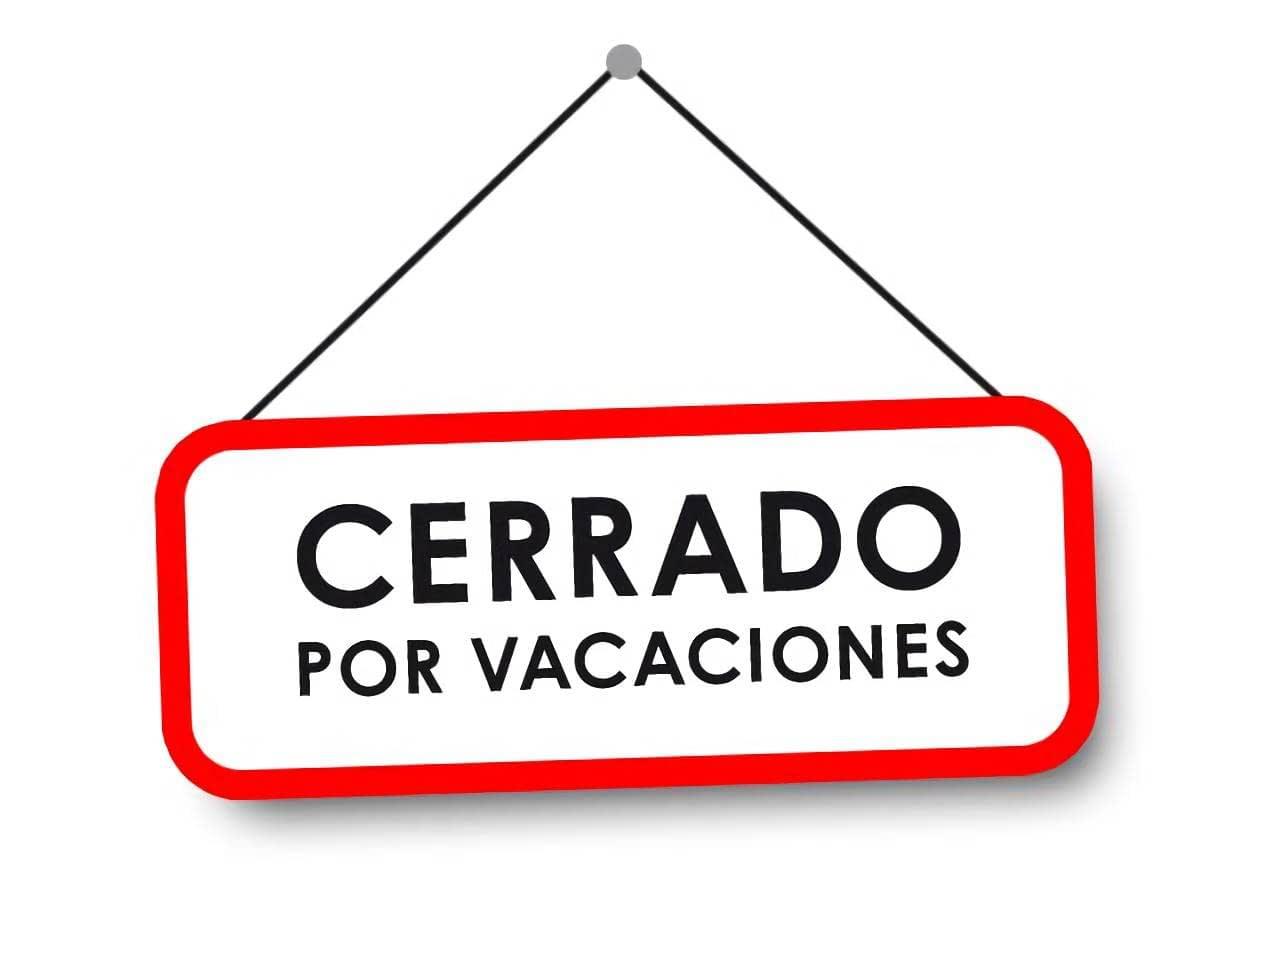 Clínica Dental Cuadrado cerrada por vacaciones en Semana Santa